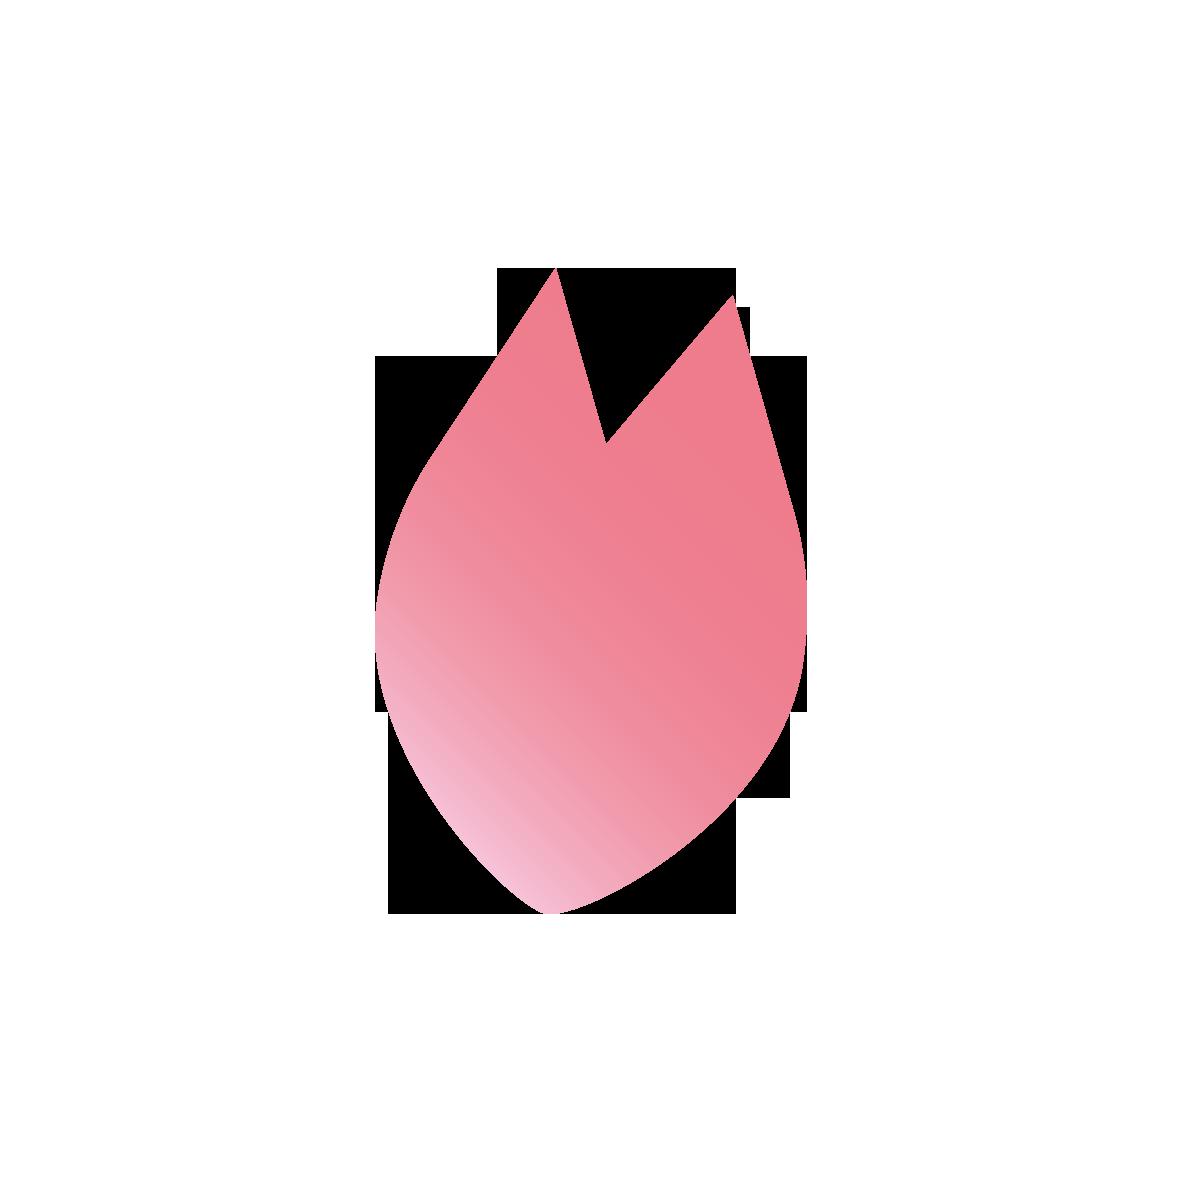 桜の花びら一枚 無料イラスト愛